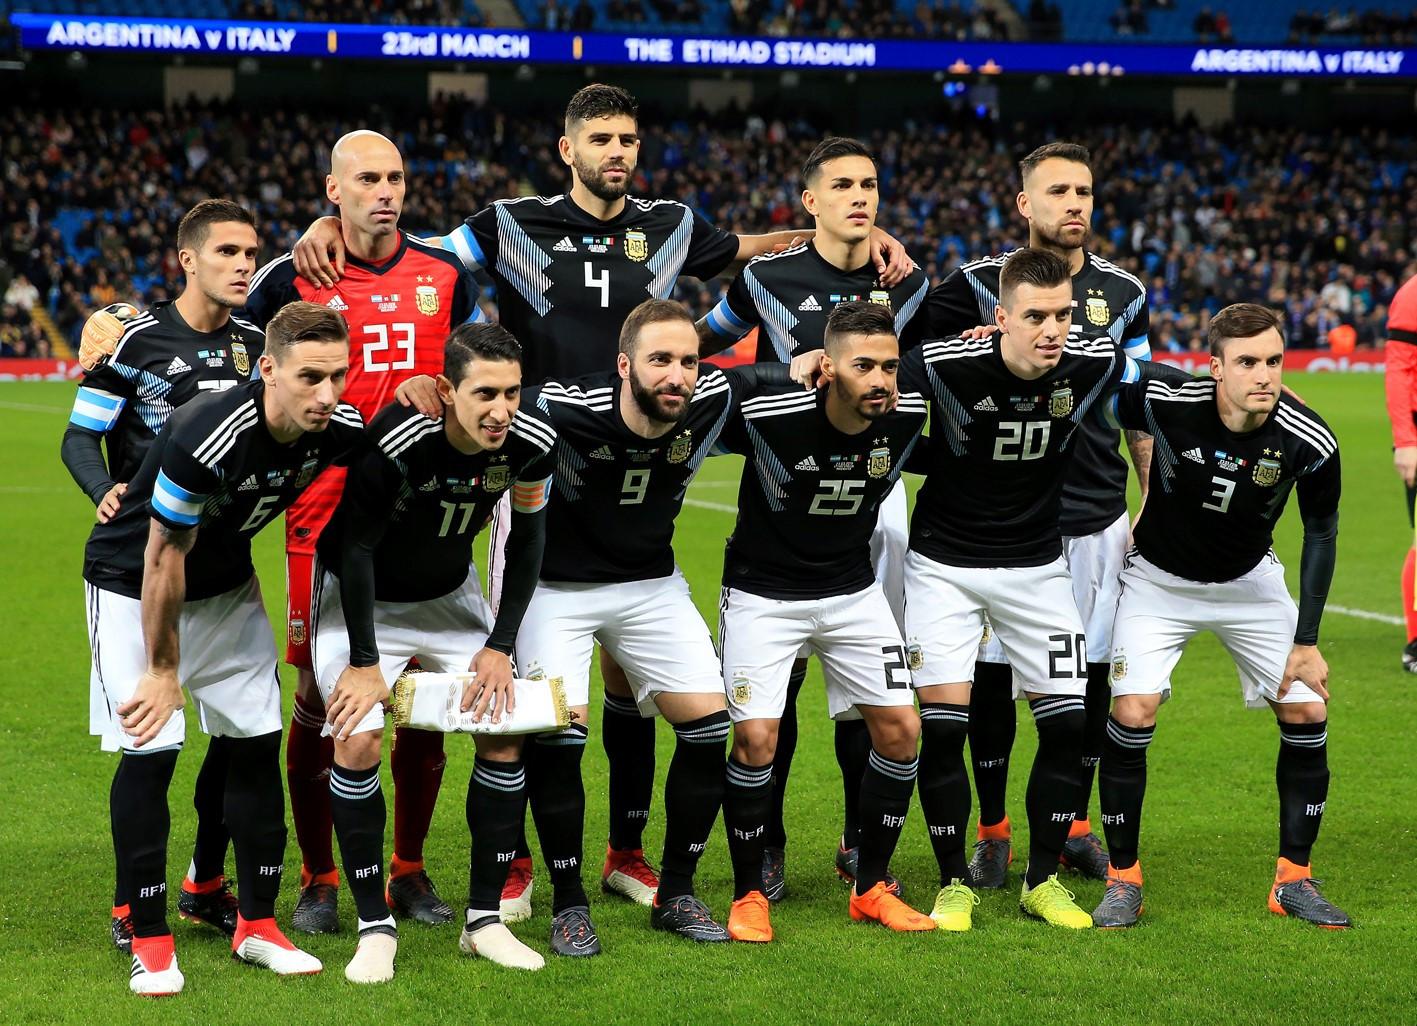 揭秘赞助2018世界杯阿根廷国家队的中国定制品牌百得胜